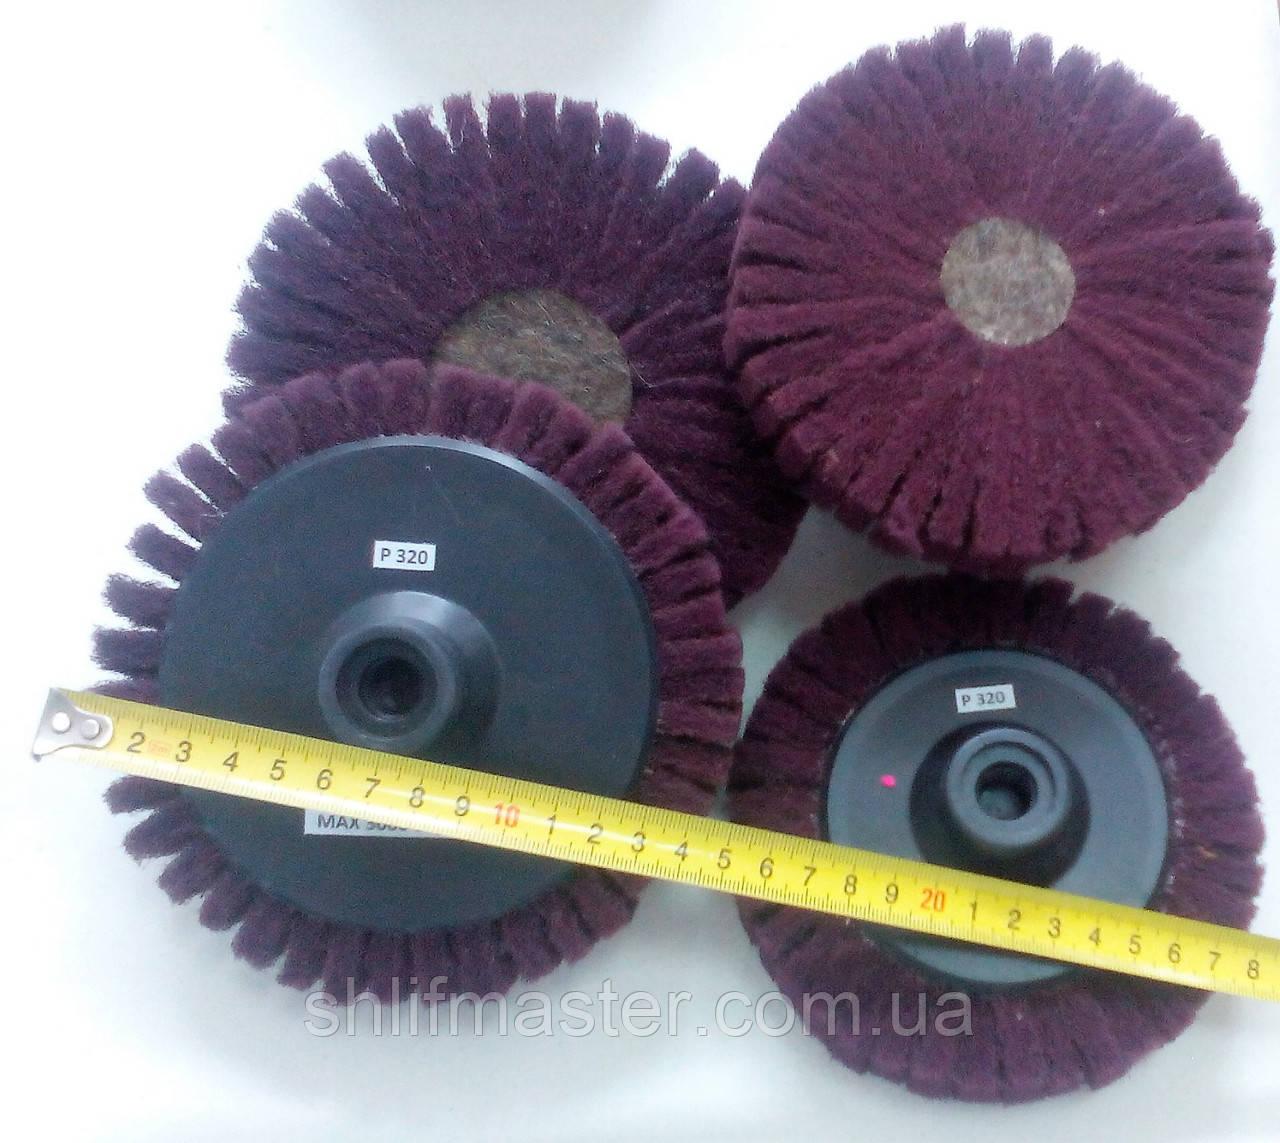 Шлифовальный круг скотч брайт лепестковый d125 мм Р320 бордо